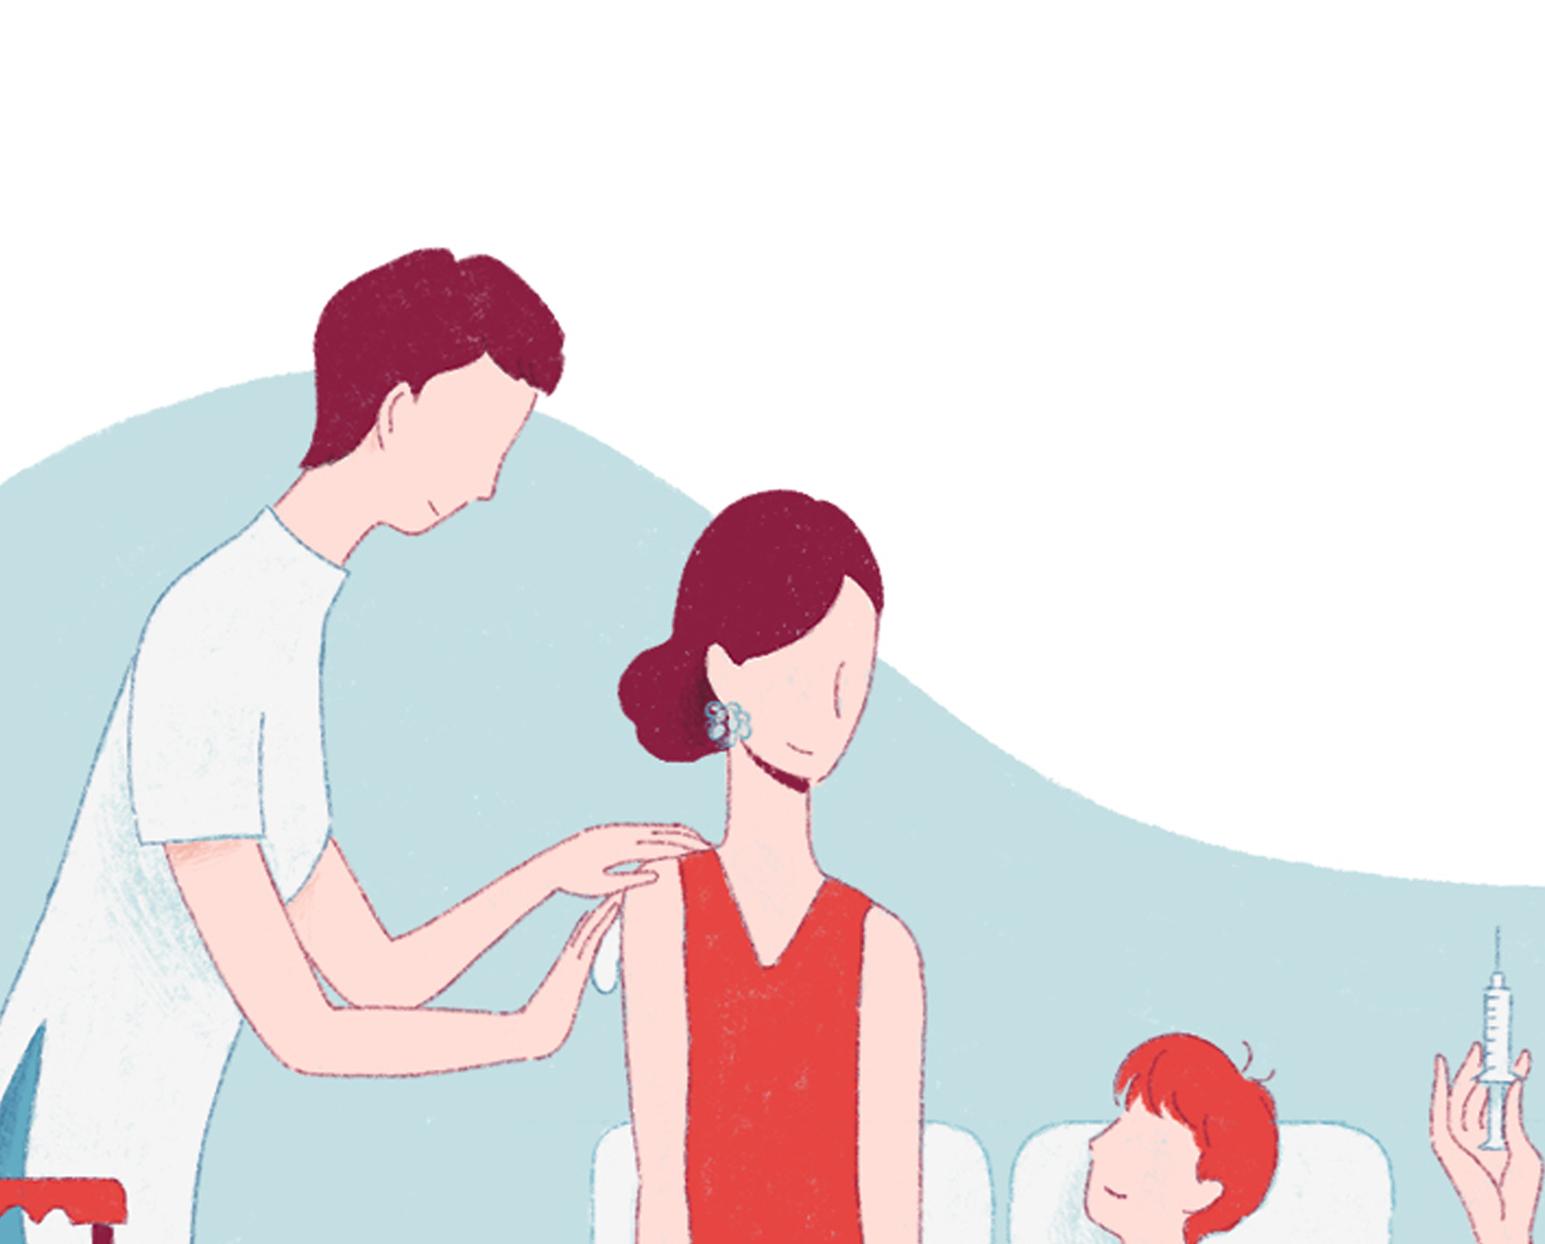 Anteprima dell'illustrazione per l'articolo sulla gestione dell'iter delle vaccinazioni.